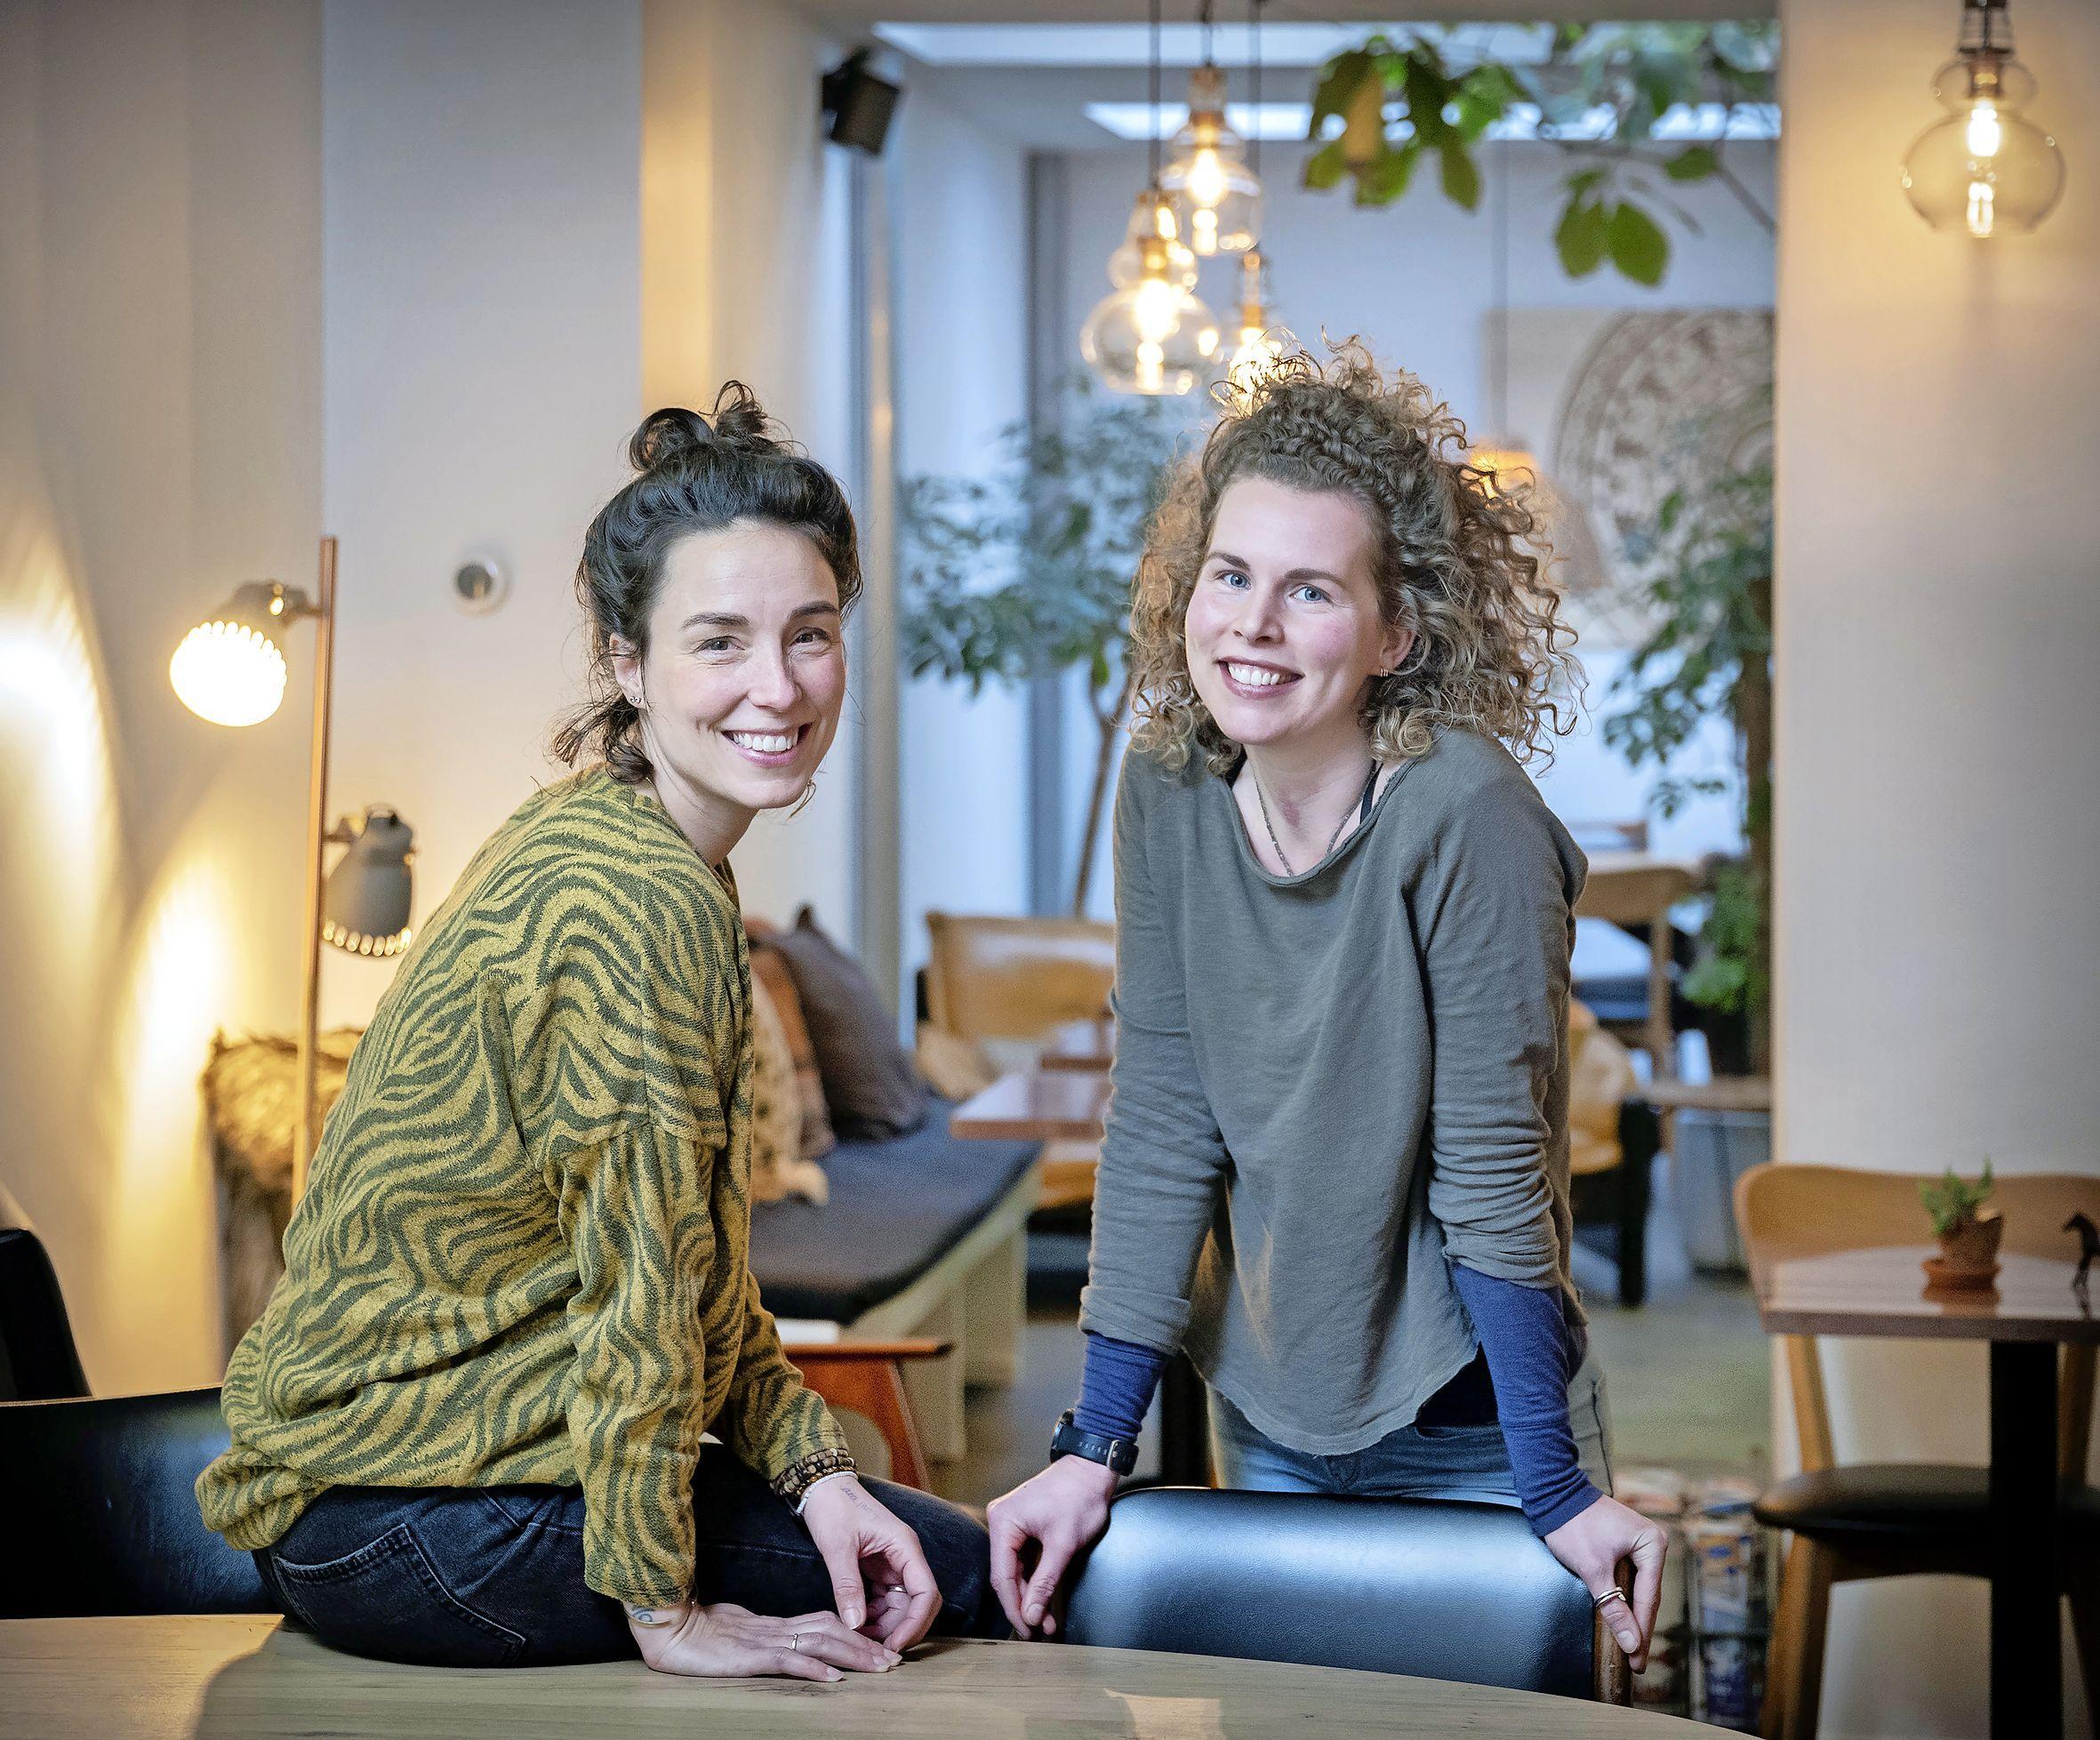 Haarlemse dames Maartje en Lianne vertrouwen op elkaar en hun eigen natuur